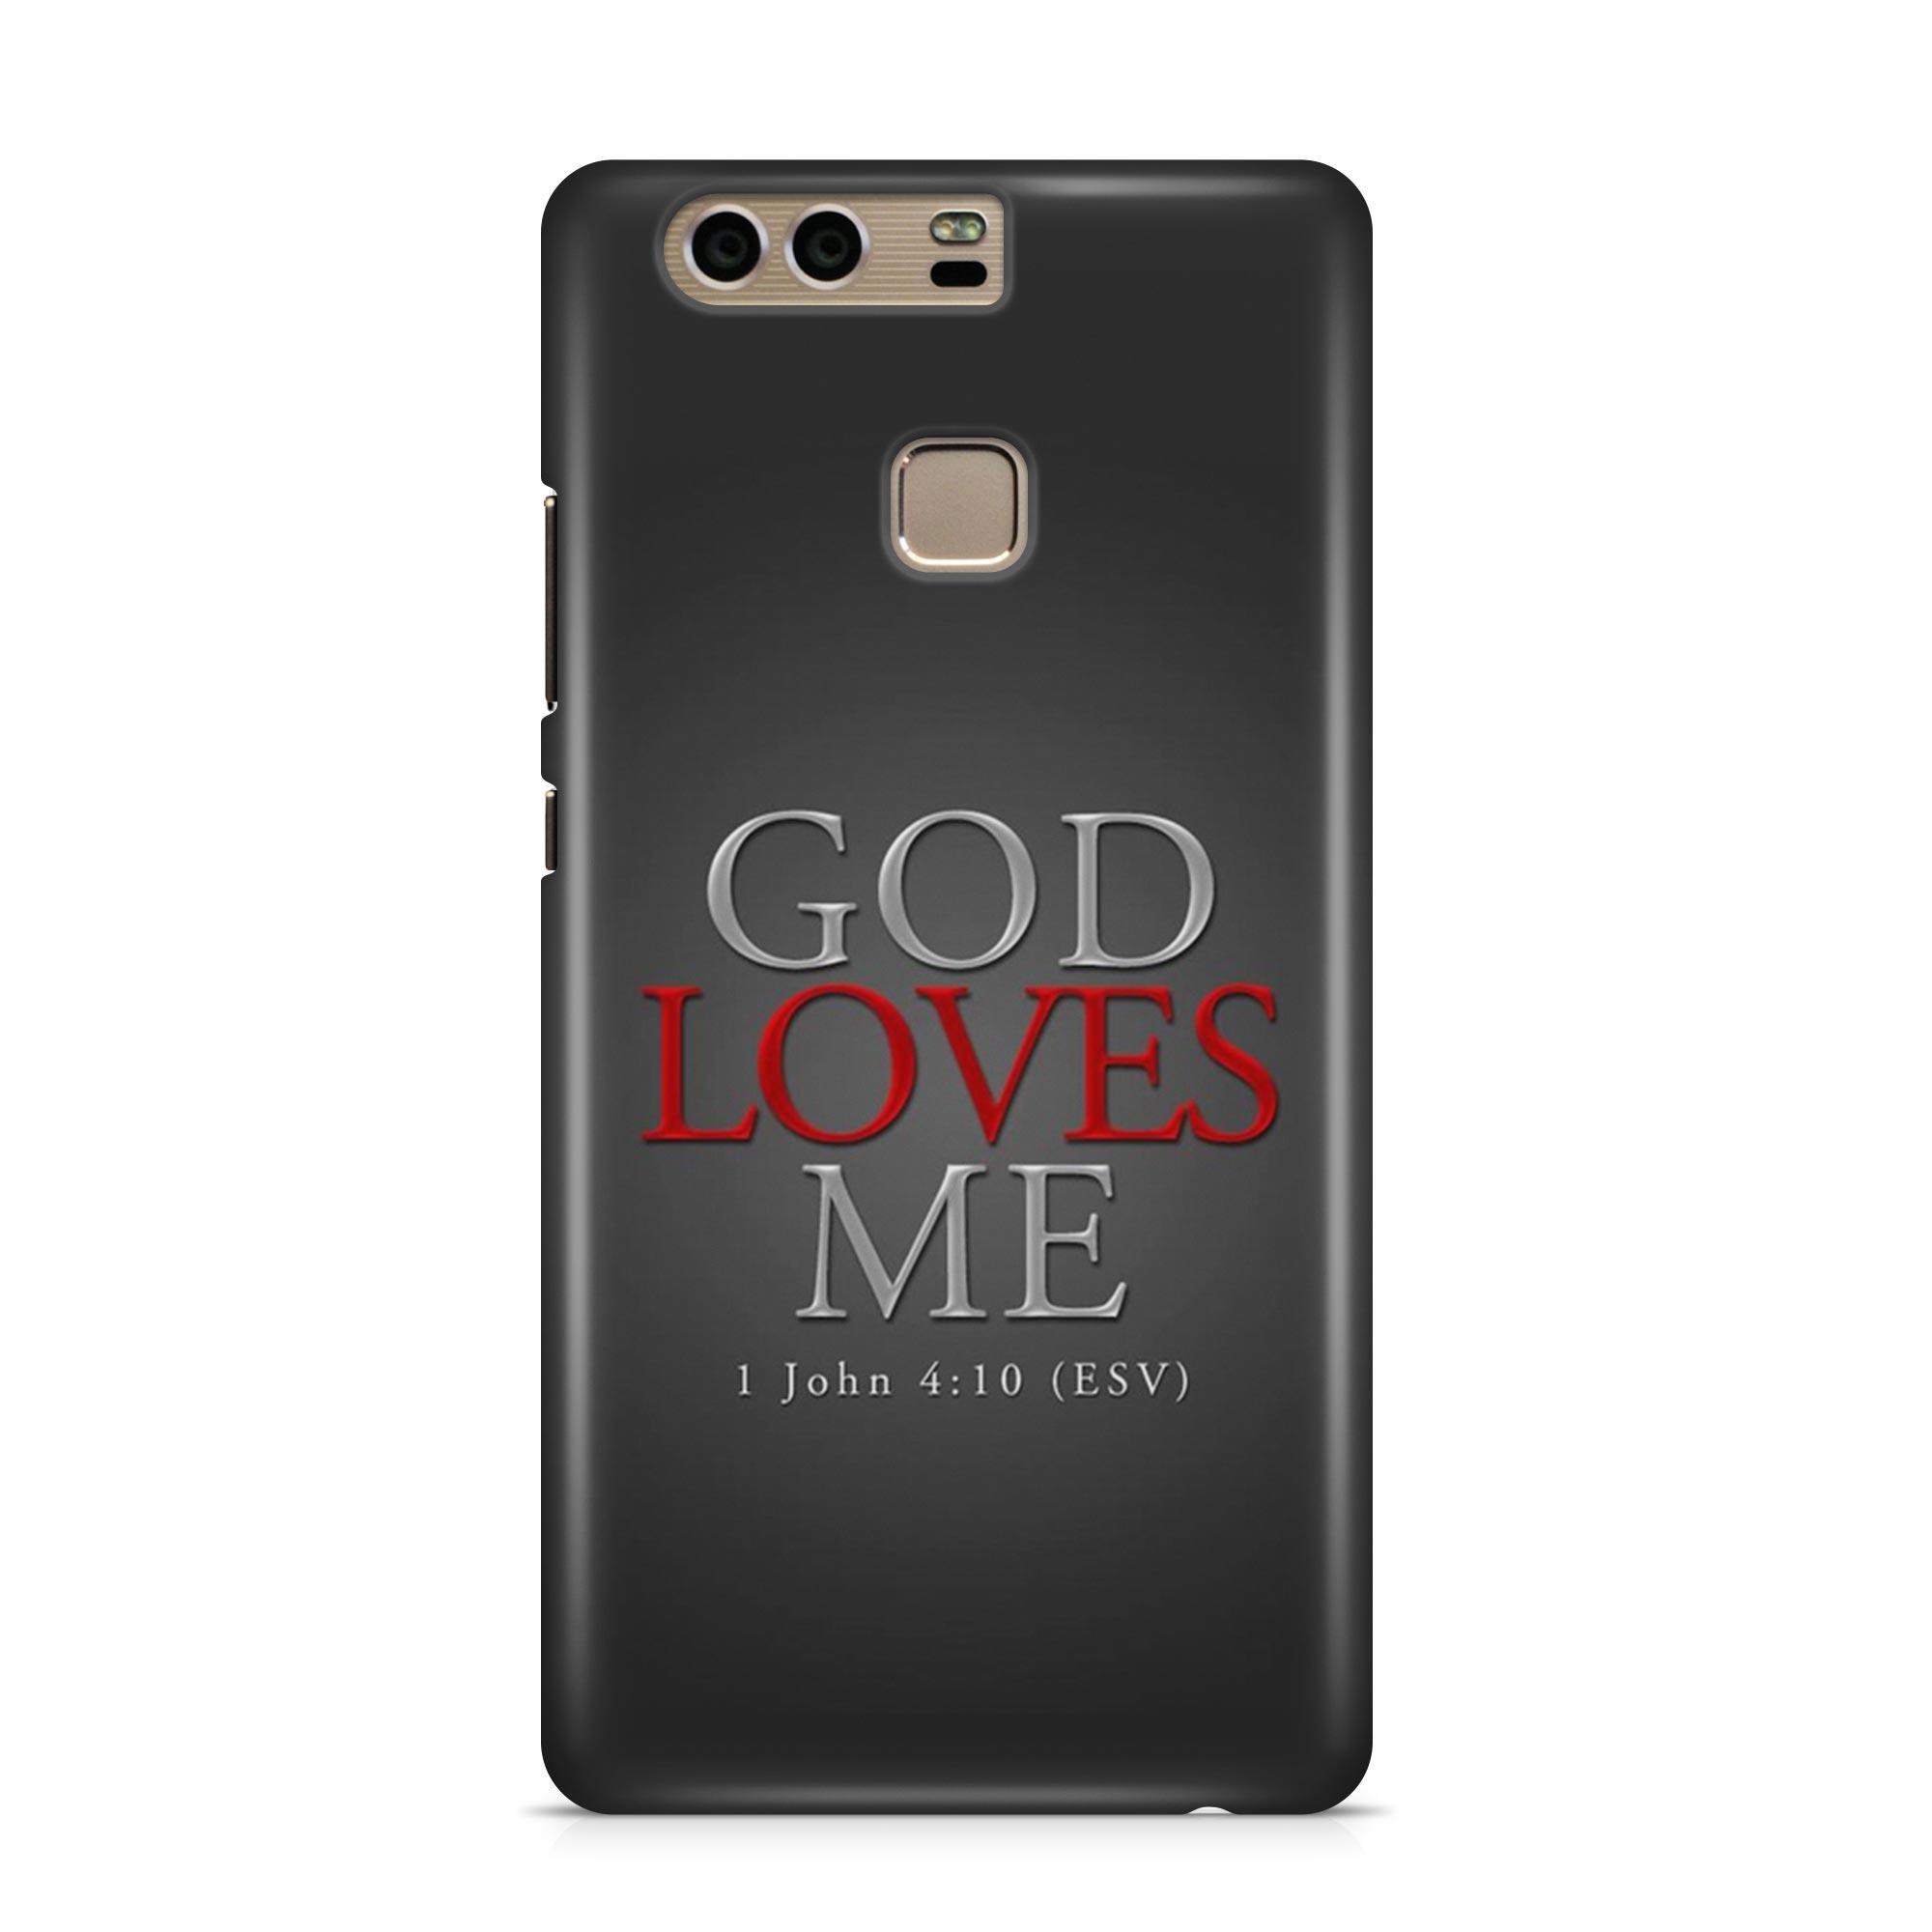 Bible-God-Loves-Me-John-4-10-Verse-Phone-Case-Christian-Cover thumbnail 8